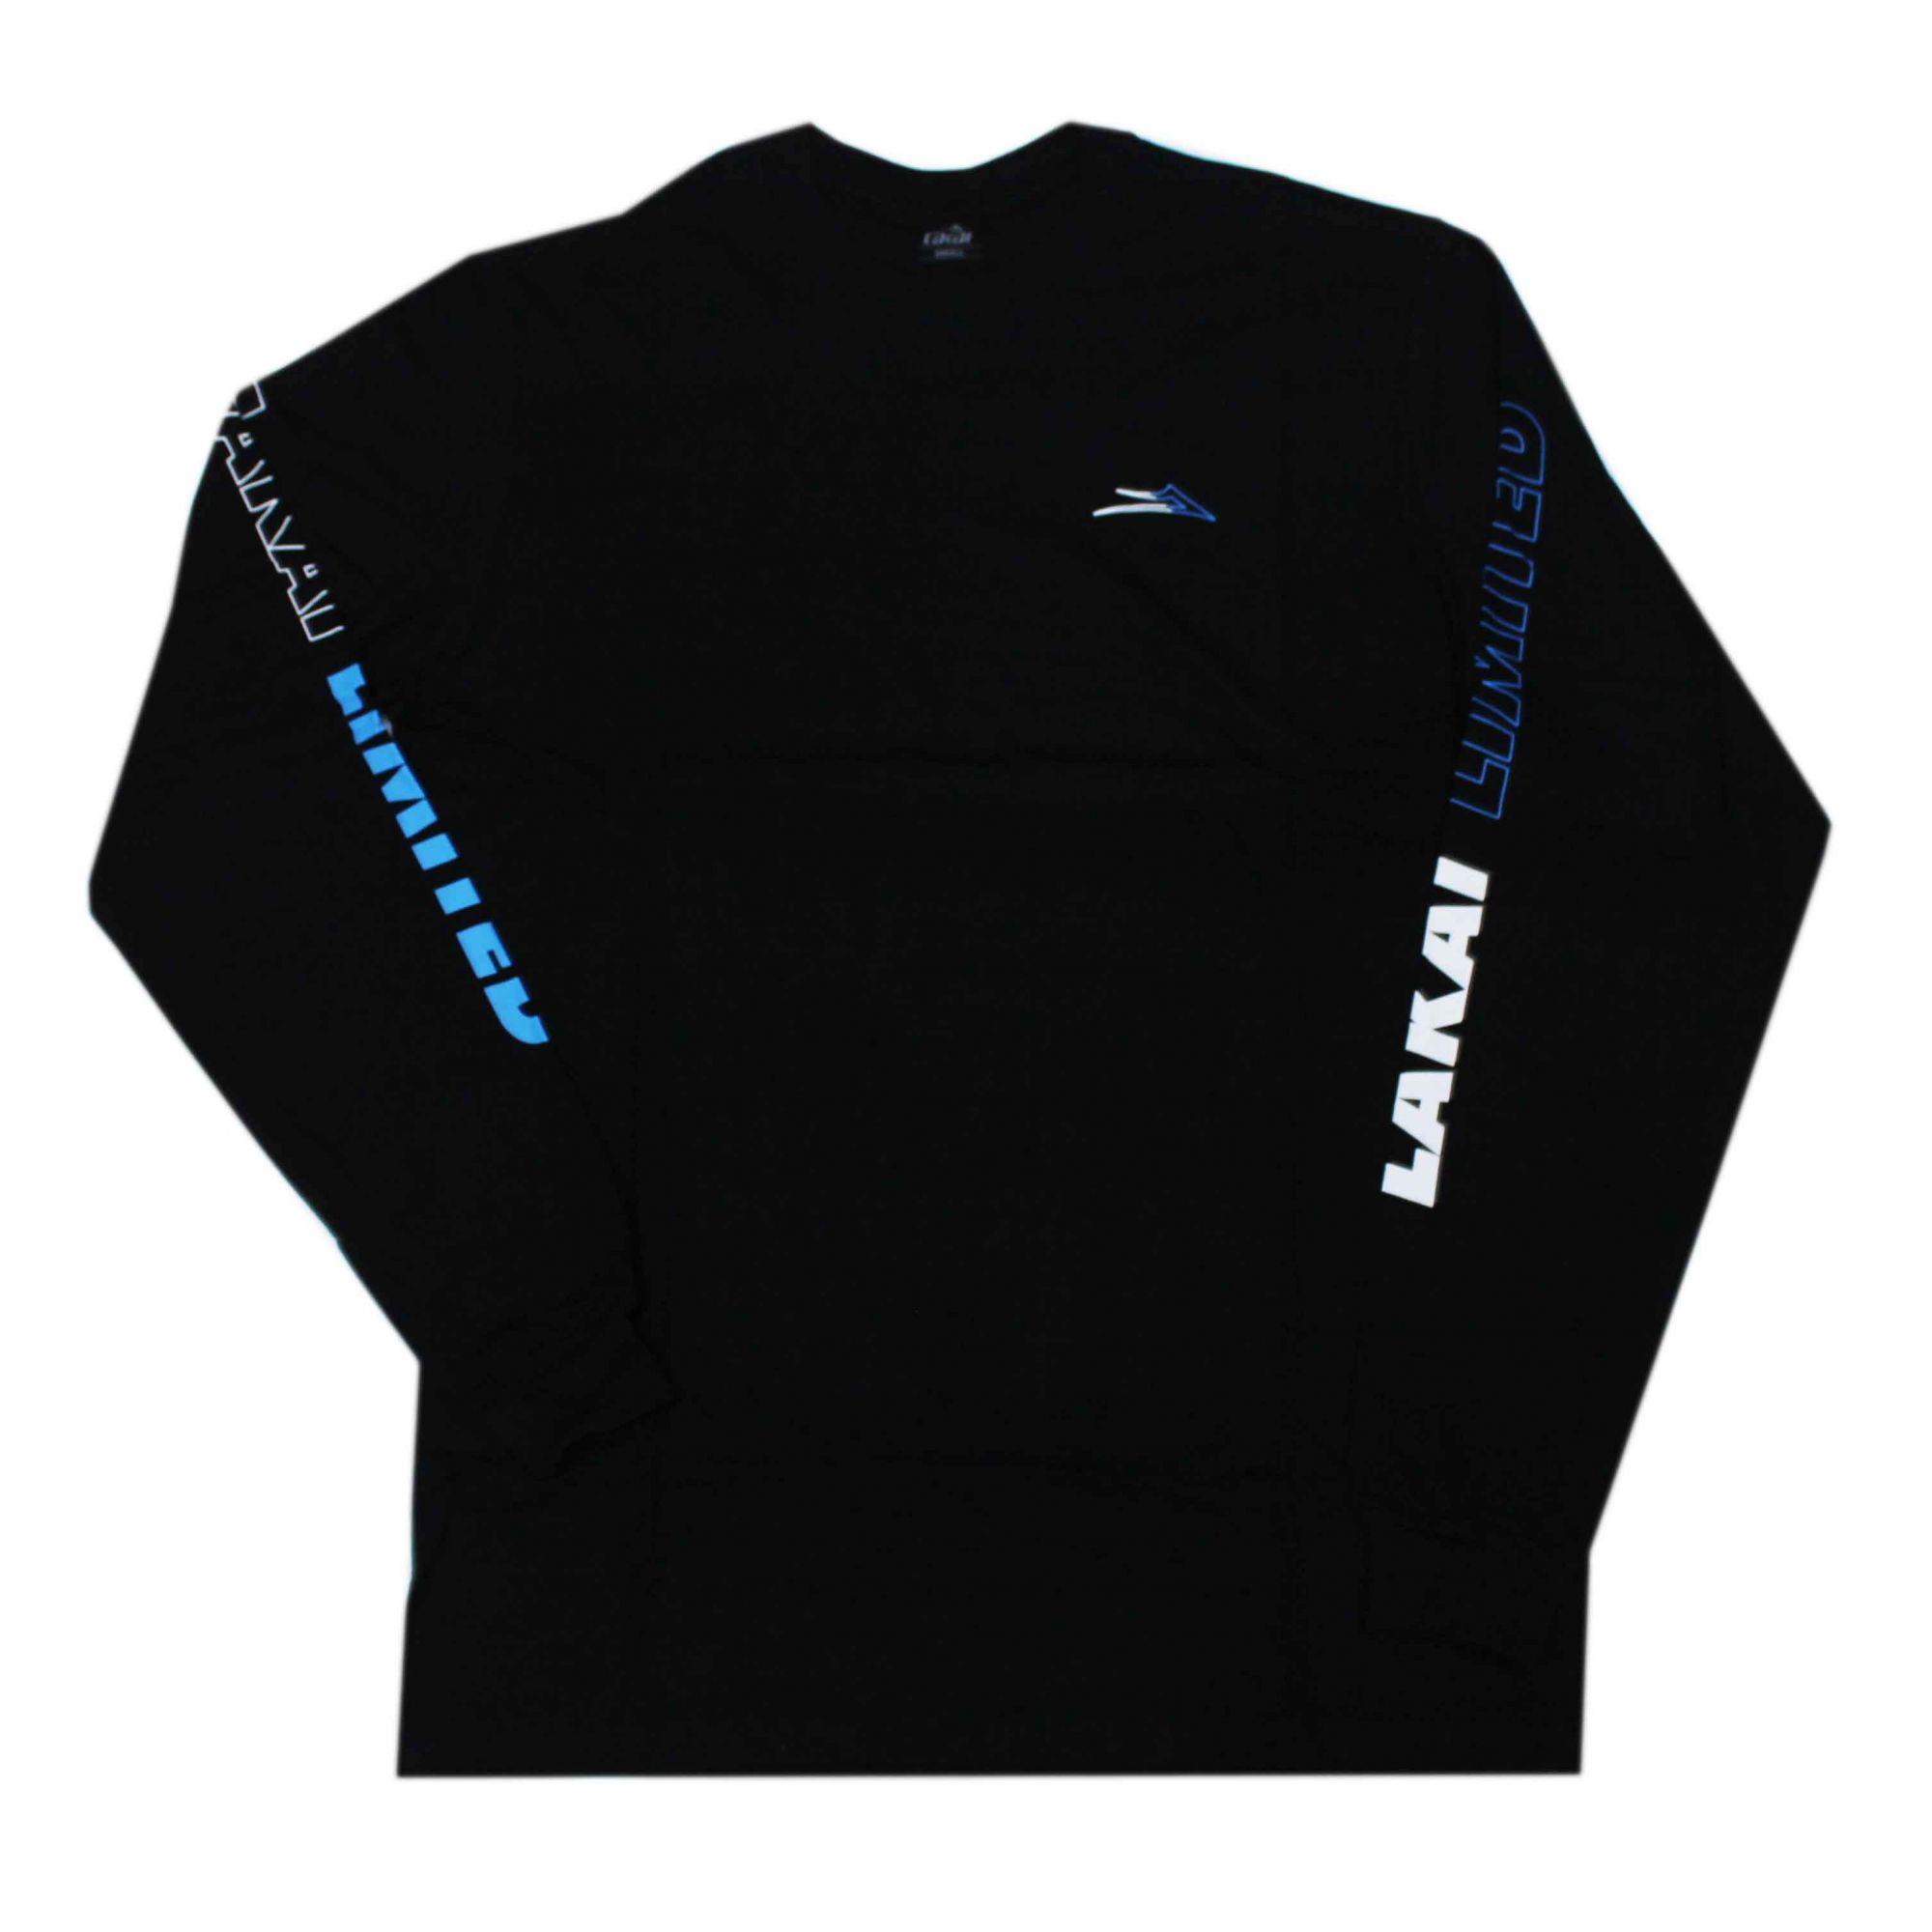 Camiseta Manga Longa Lakai Racing - Preto